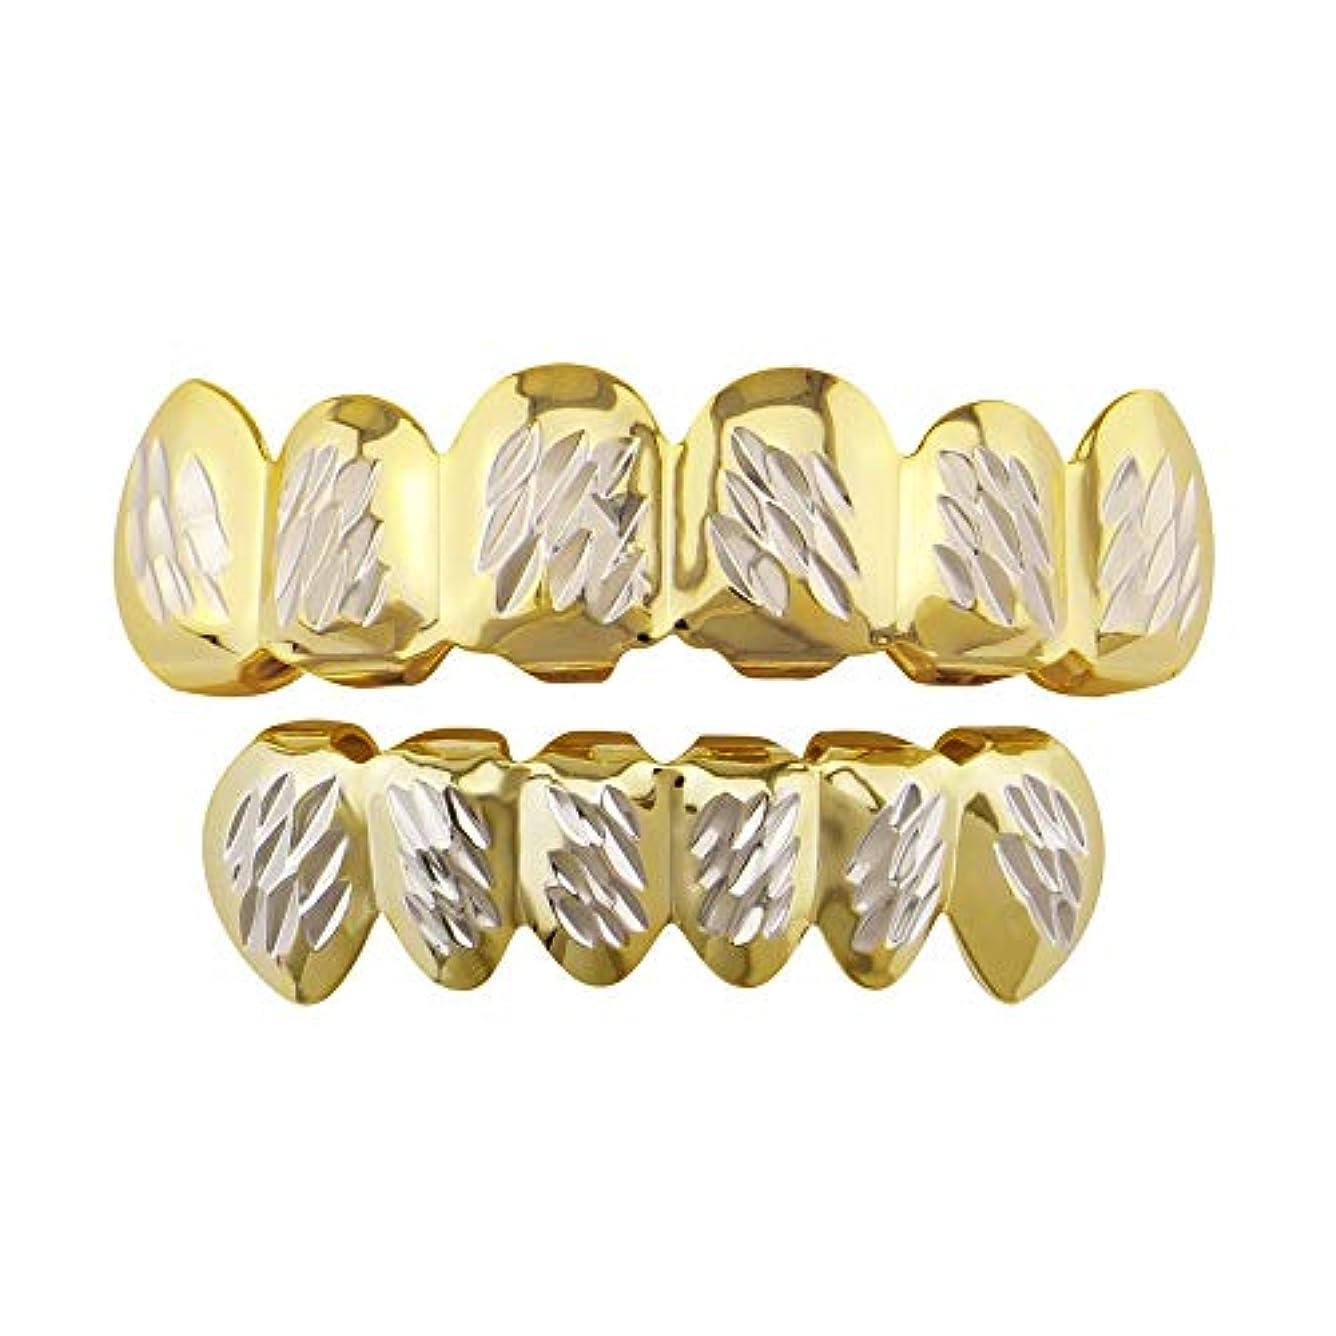 流産ドメインお茶歯のグリル ヒップホップジュエリーゴールドブレースプリーツバイカラーティースグリル (色 : Golden set)